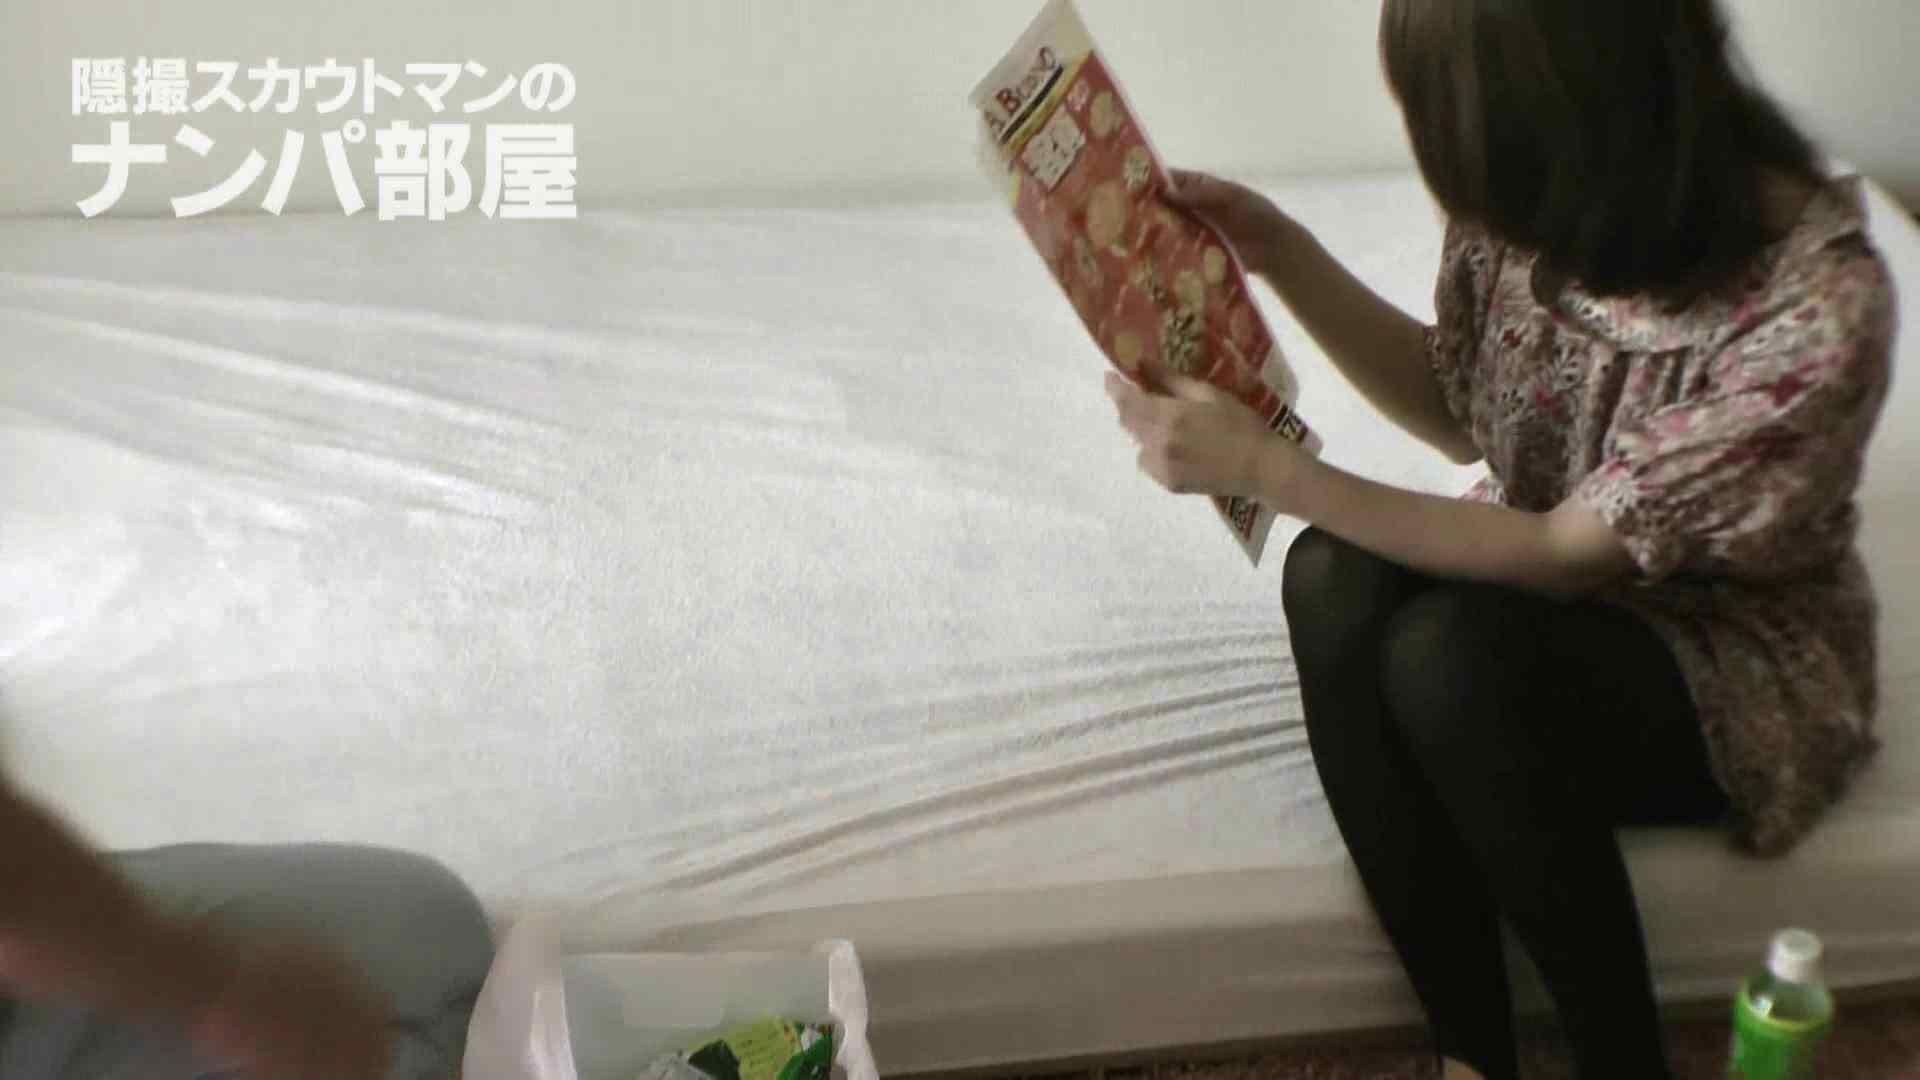 隠撮スカウトマンのナンパ部屋~風俗デビュー前のつまみ食い~ sii 隠撮  84連発 7